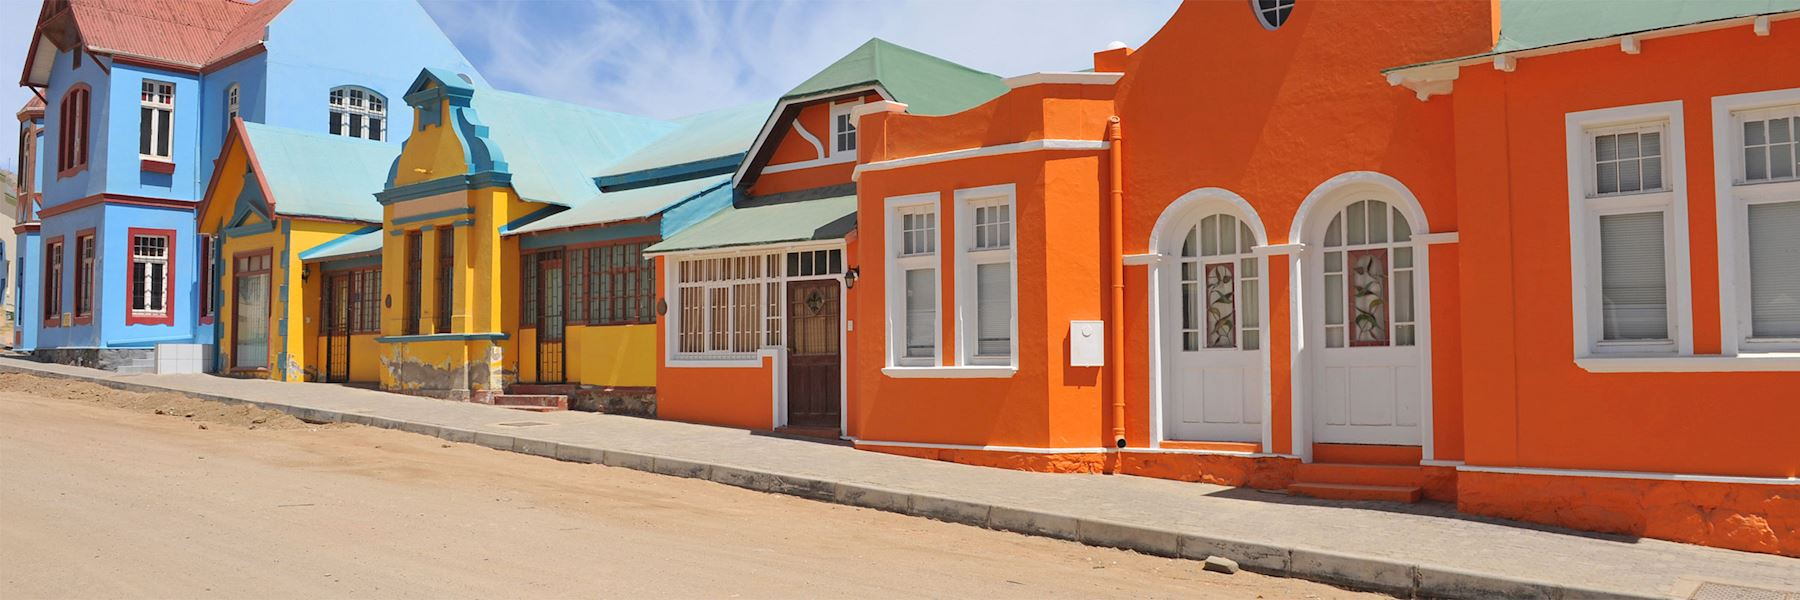 Visit Lüderitz, Namibia